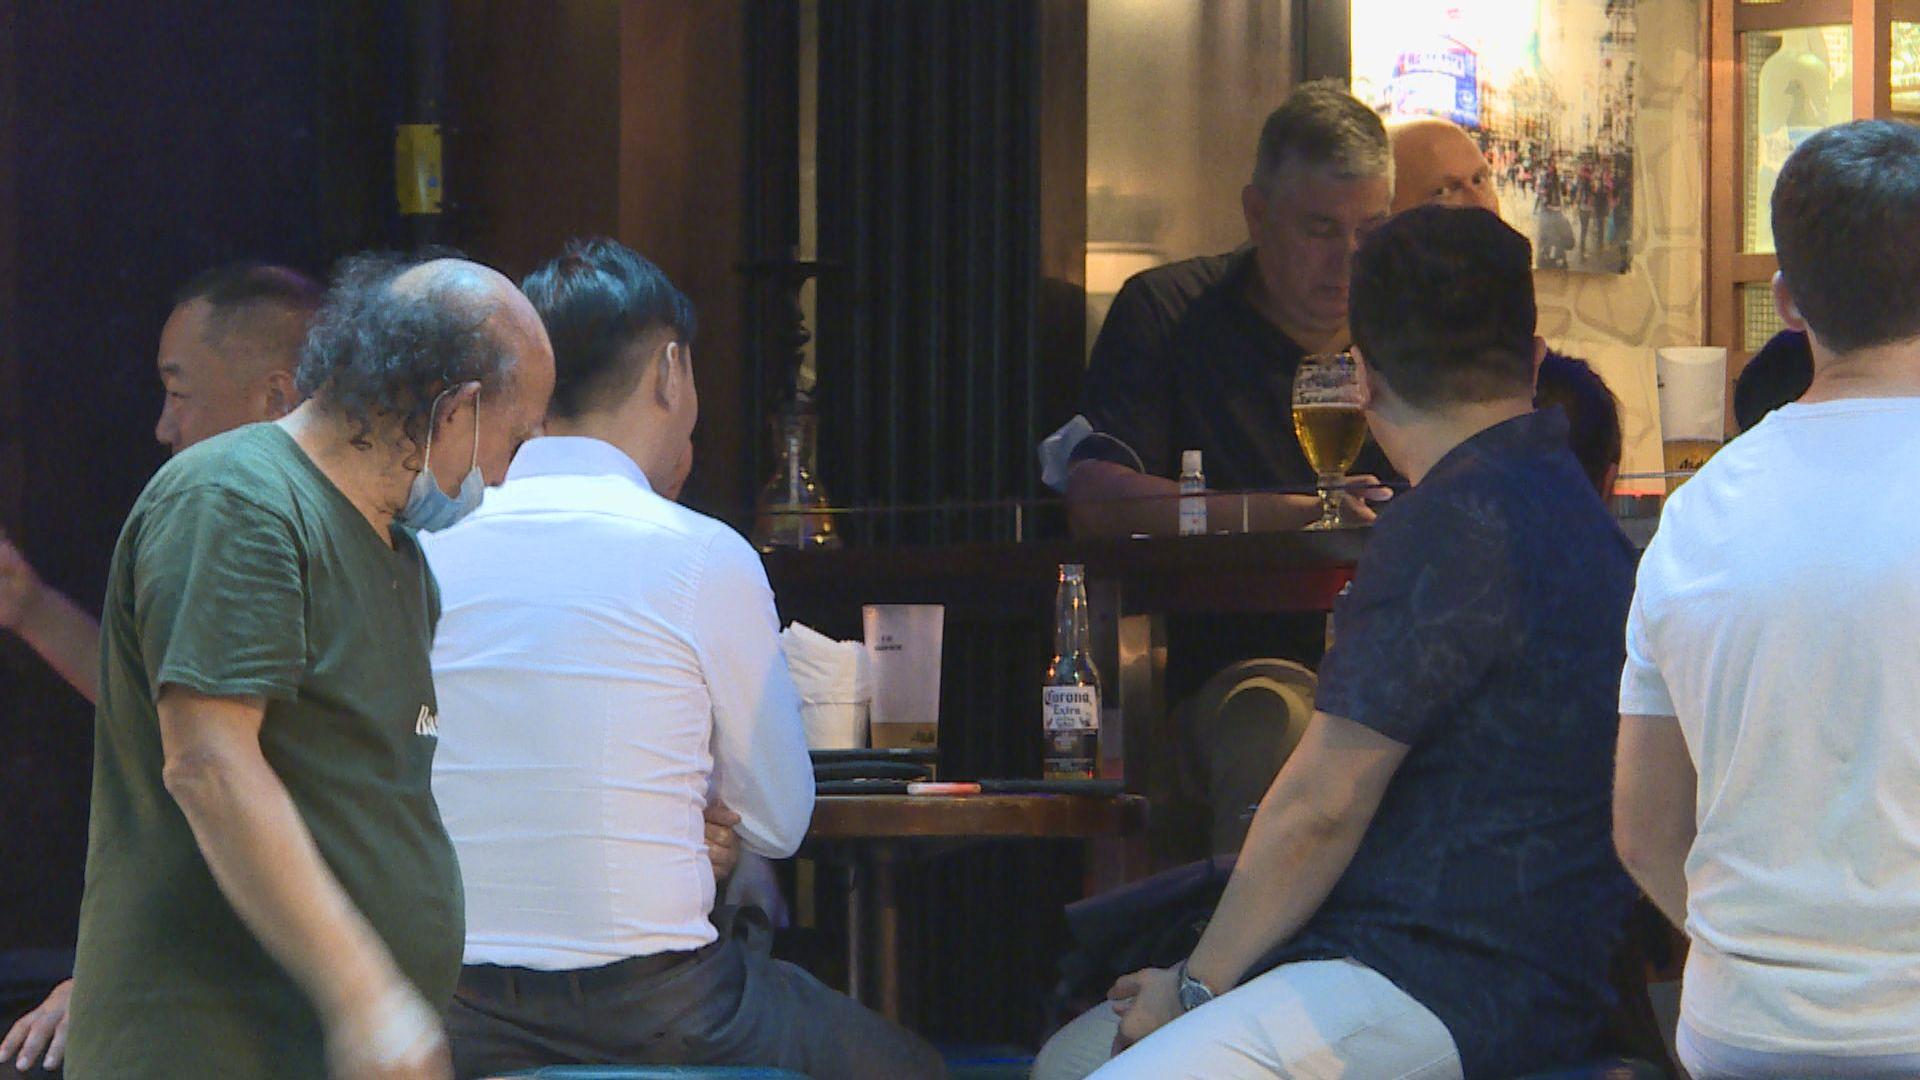 酒吧業指因外國留學生回港消費 料六月生意額反超往年